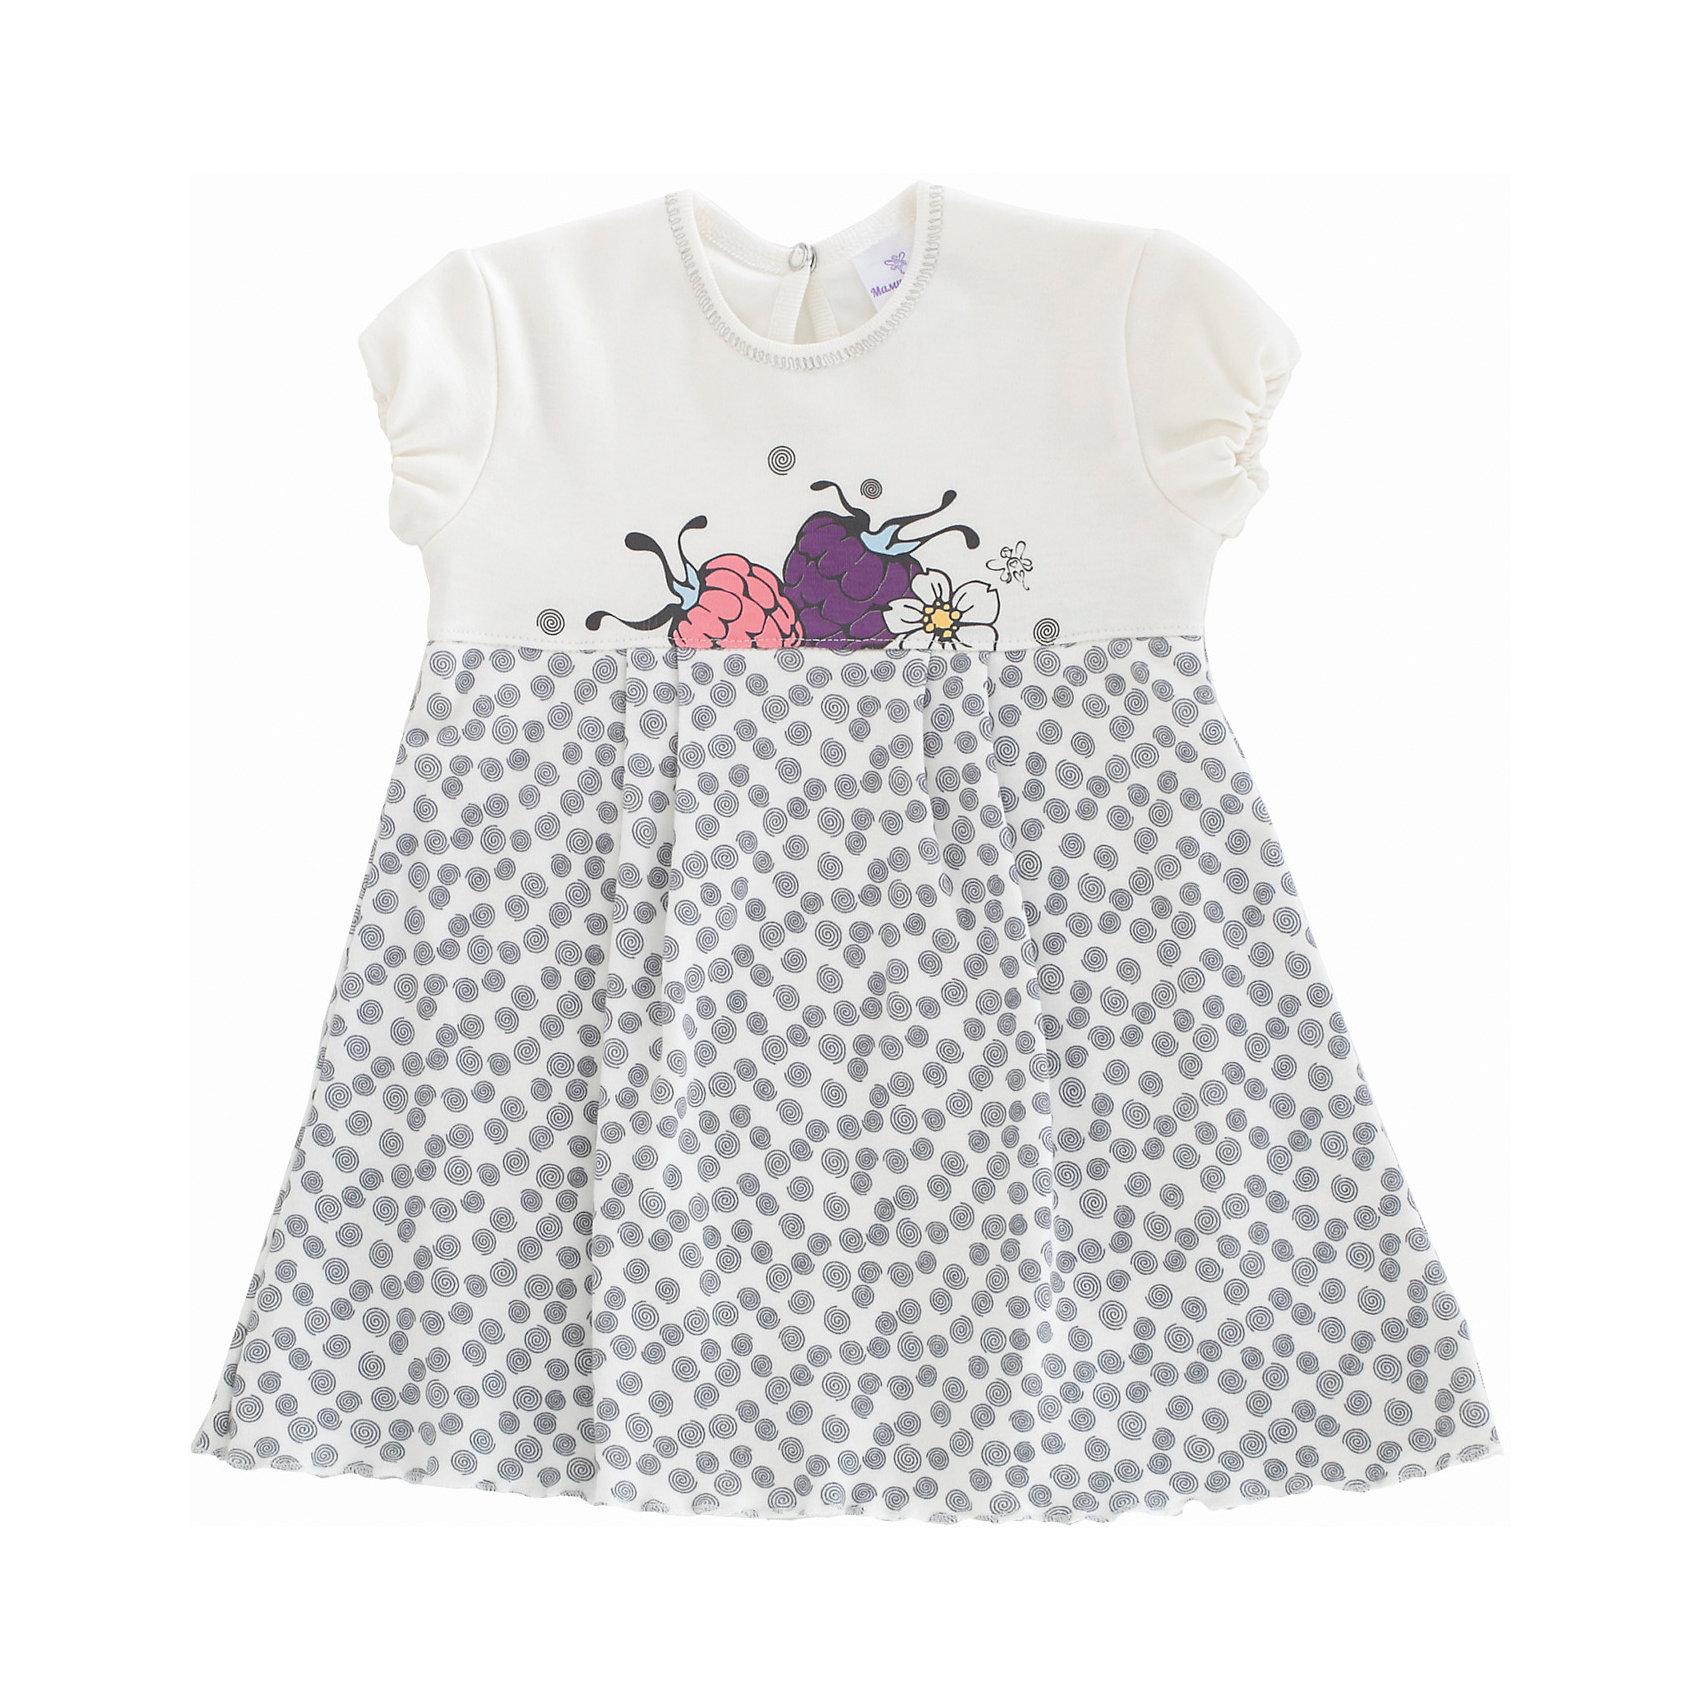 Боди-платье для девочки МамуляндияБоди<br>Боди-платье для девочки Мамуляндия<br>Боди-платье для девочки из дизайнерской коллекции Ягодки. Изготовлено из трикотажного полотна высшего качества.<br>Застёжка на кнопку из гипоаллергенного сплава без содержания никеля.<br>Гипоаллергенный принт на водной основе.<br>Удобное расположение кнопок для переодевания ребенка или смены подгузника. <br><br>Состав 100% хлопок (интерлок-пенье). <br>Рекомендации по уходу: стирать при 40 С, гладить при средней температуре, носить с удовольствием!<br>Состав:<br>100% хлопок<br><br>Ширина мм: 157<br>Глубина мм: 13<br>Высота мм: 119<br>Вес г: 200<br>Цвет: серый<br>Возраст от месяцев: 12<br>Возраст до месяцев: 18<br>Пол: Женский<br>Возраст: Детский<br>Размер: 86,62,80,74,68<br>SKU: 5513673